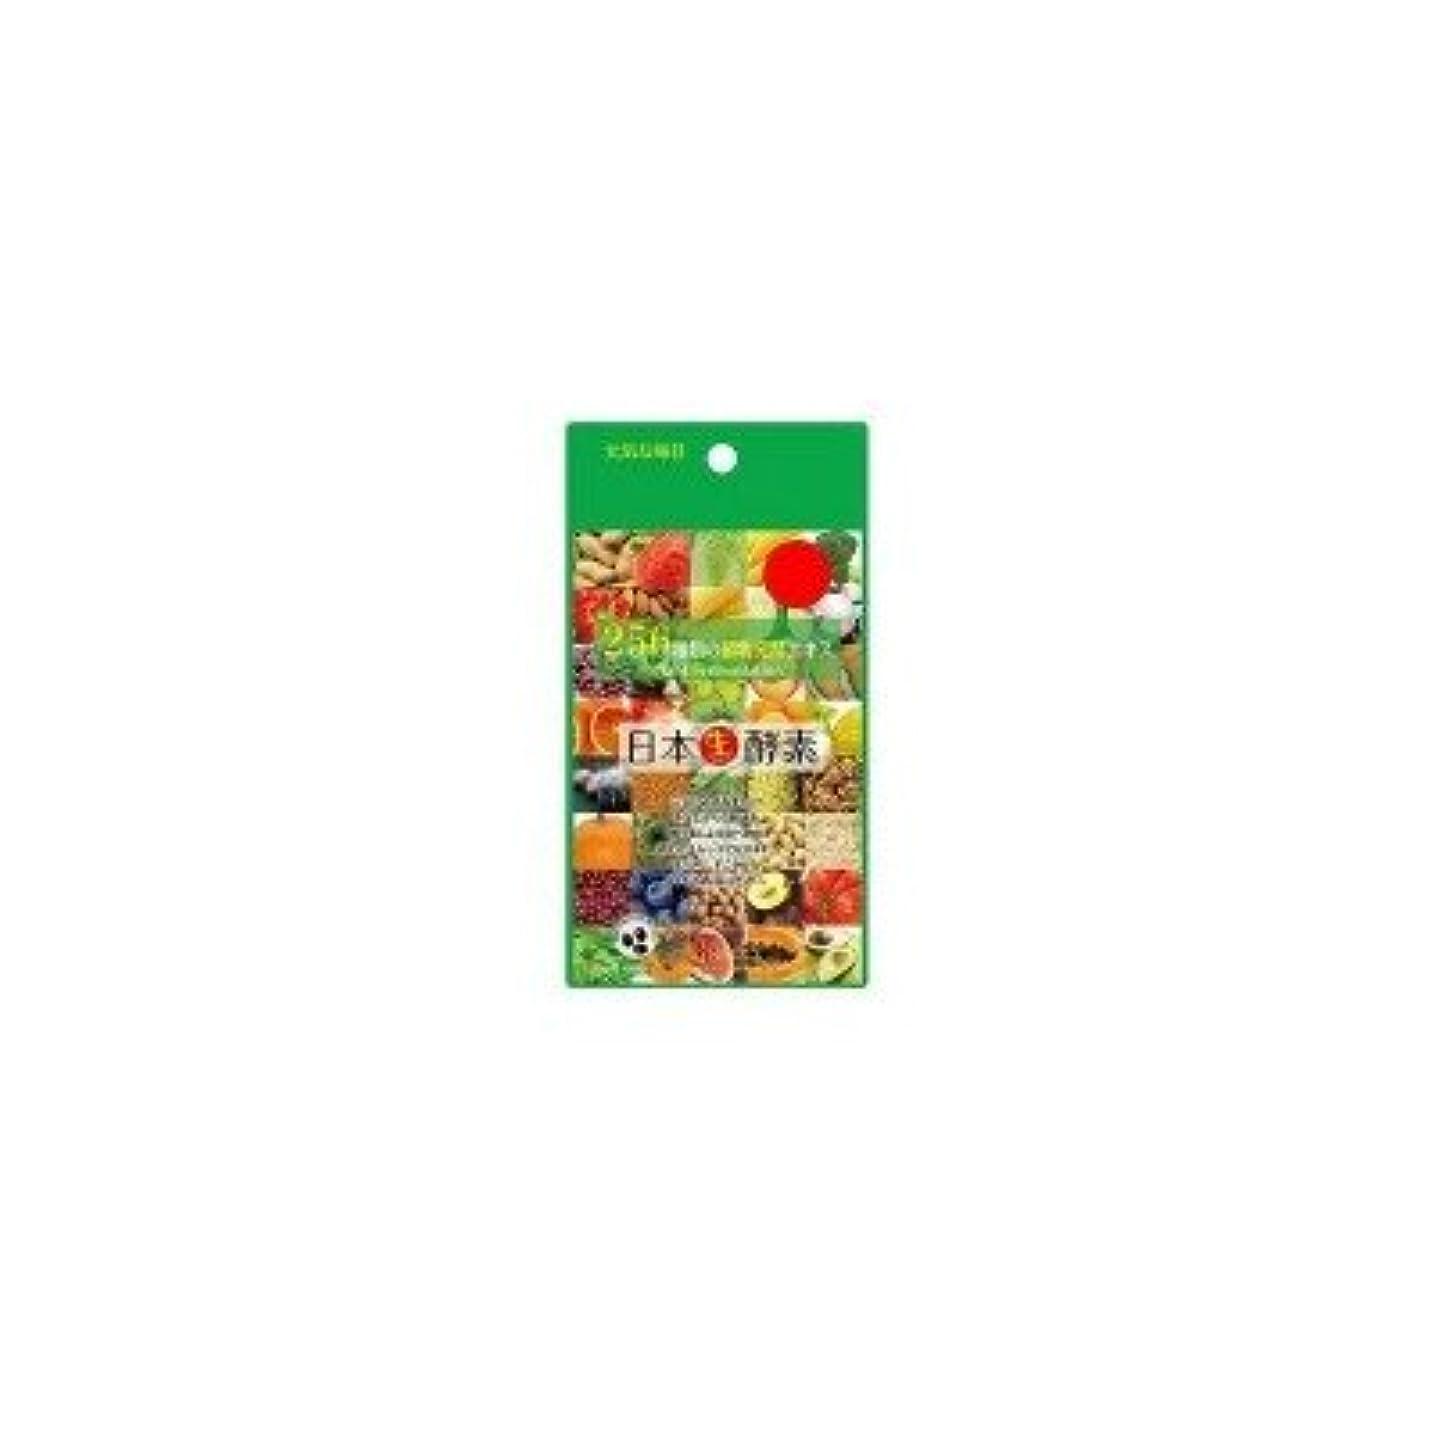 鉛気難しいイサカ愛粧堂 256種類 日本生酵素粒 27g(450mg×60粒)